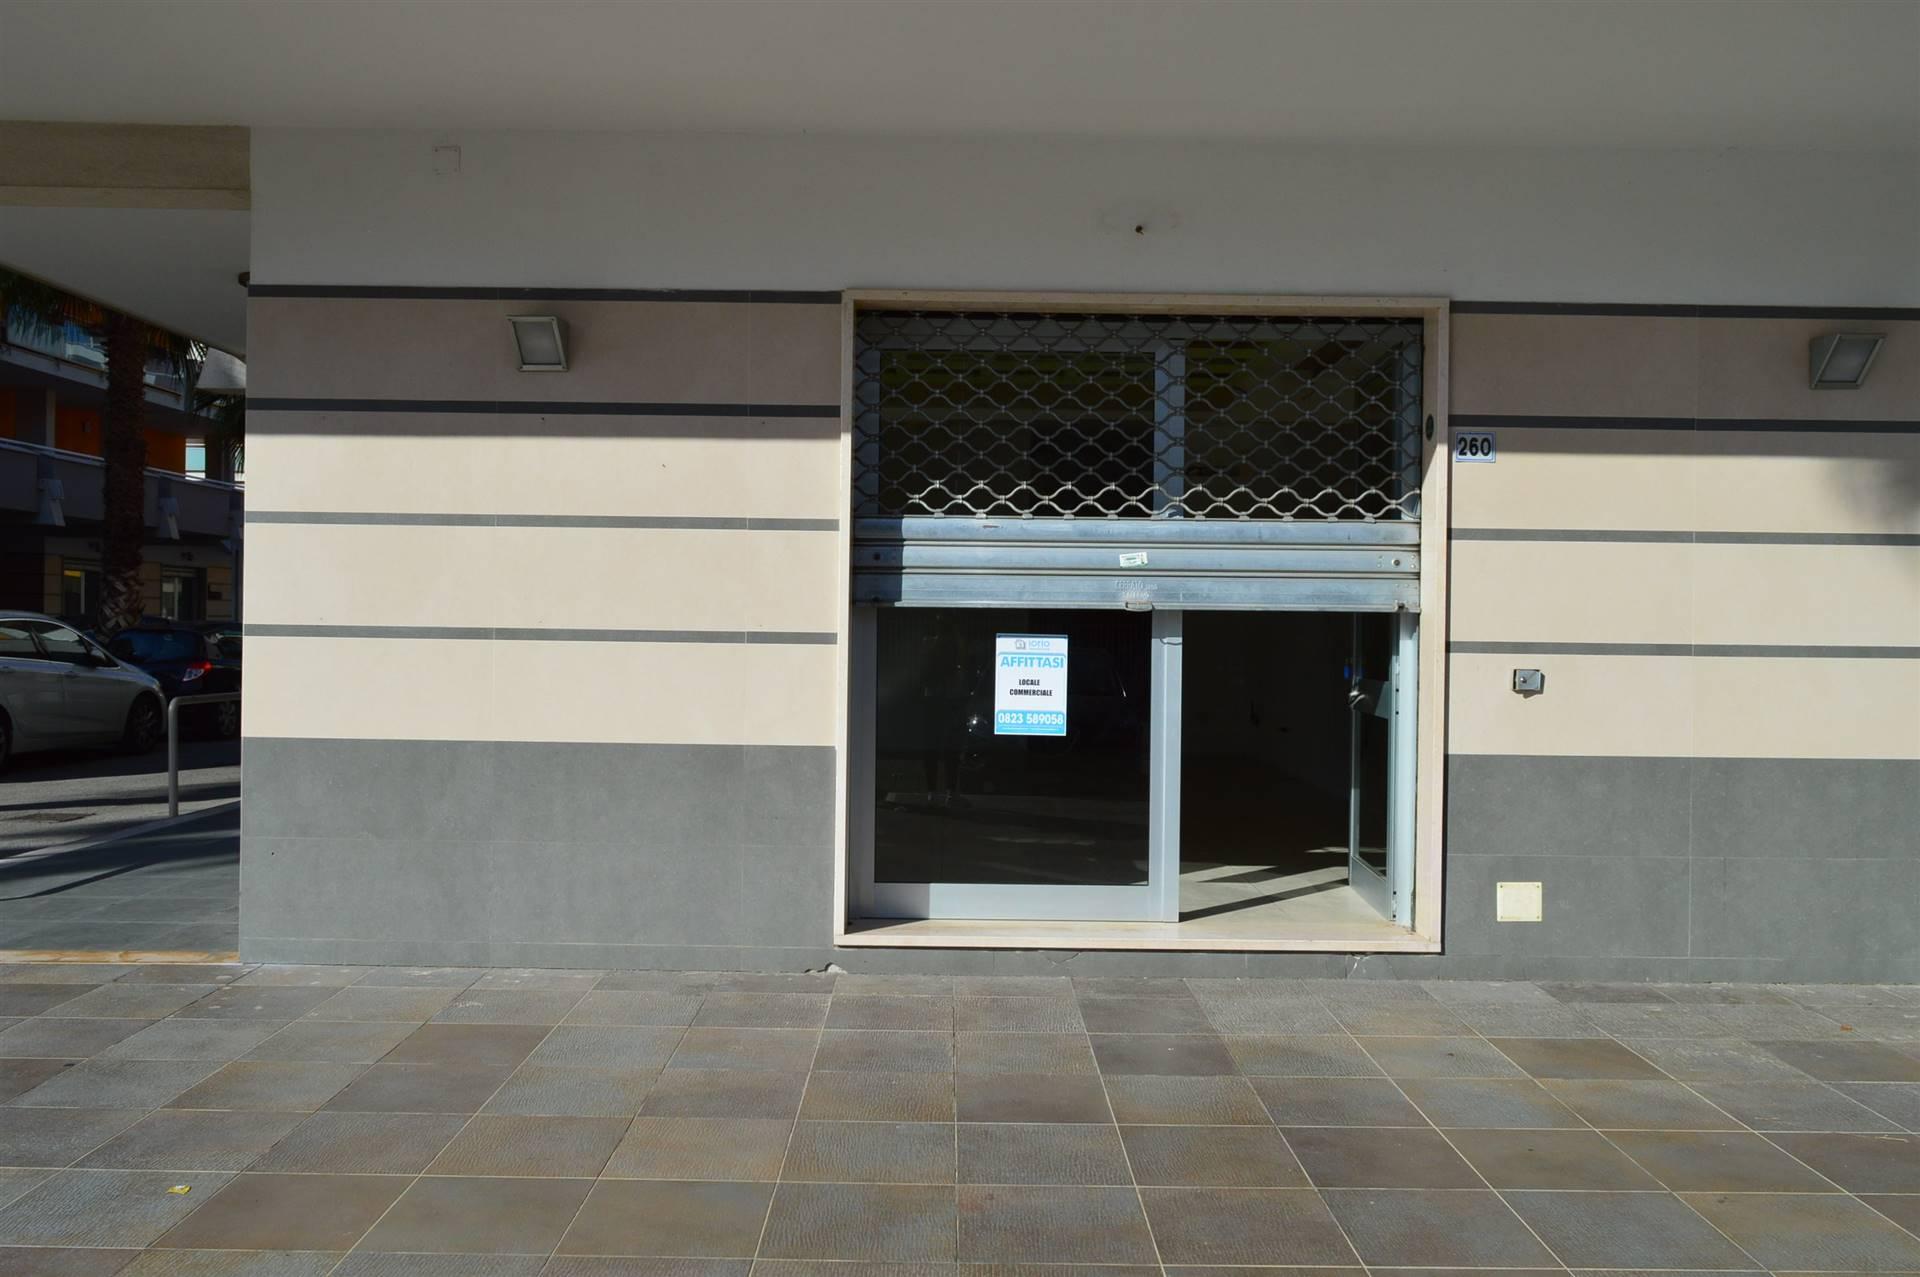 LV050B-Locale Commerciale-SAN-PRISCO-Via-Agostino-Stellato